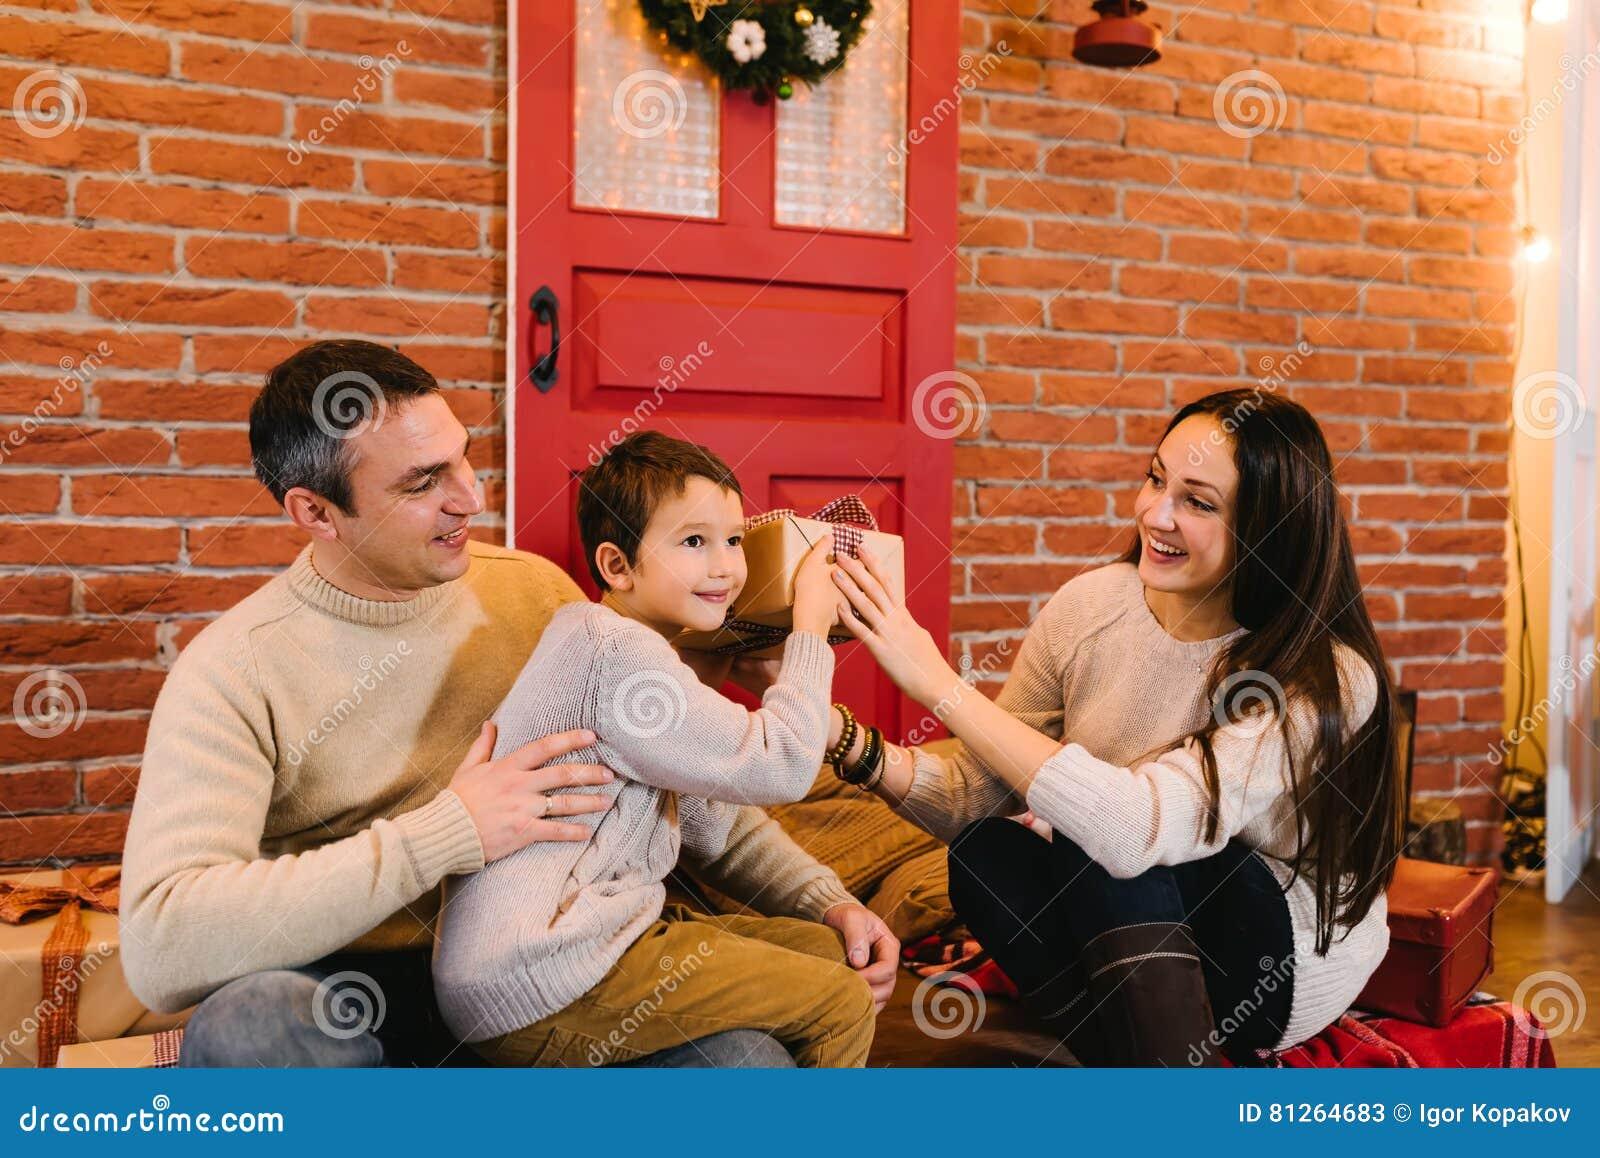 Regalos para los padres en navidad regalos para navidad - Regalos padres navidad ...